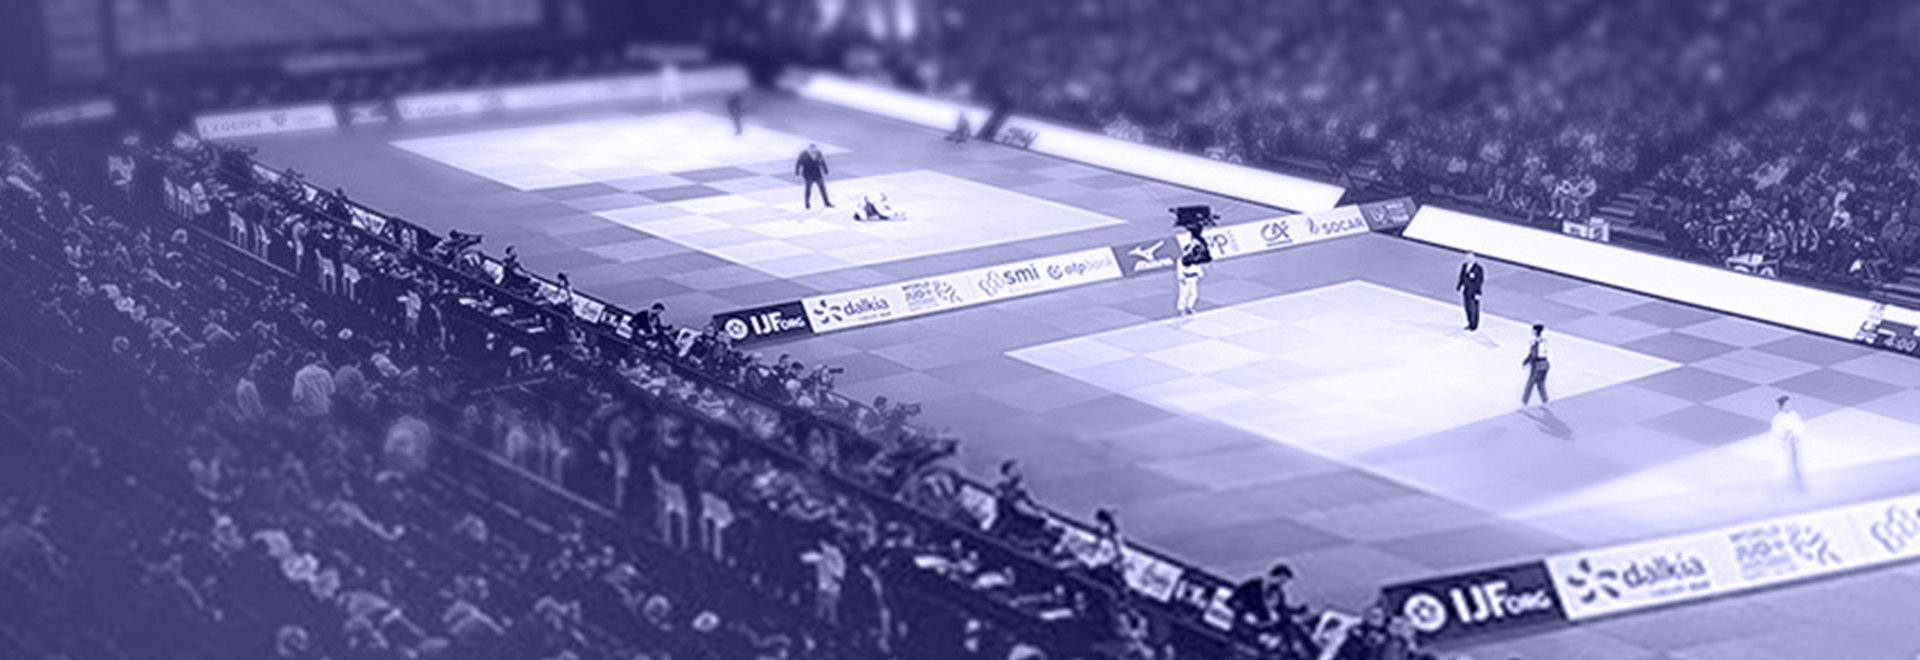 Grand Slam Parigi. 2a g.